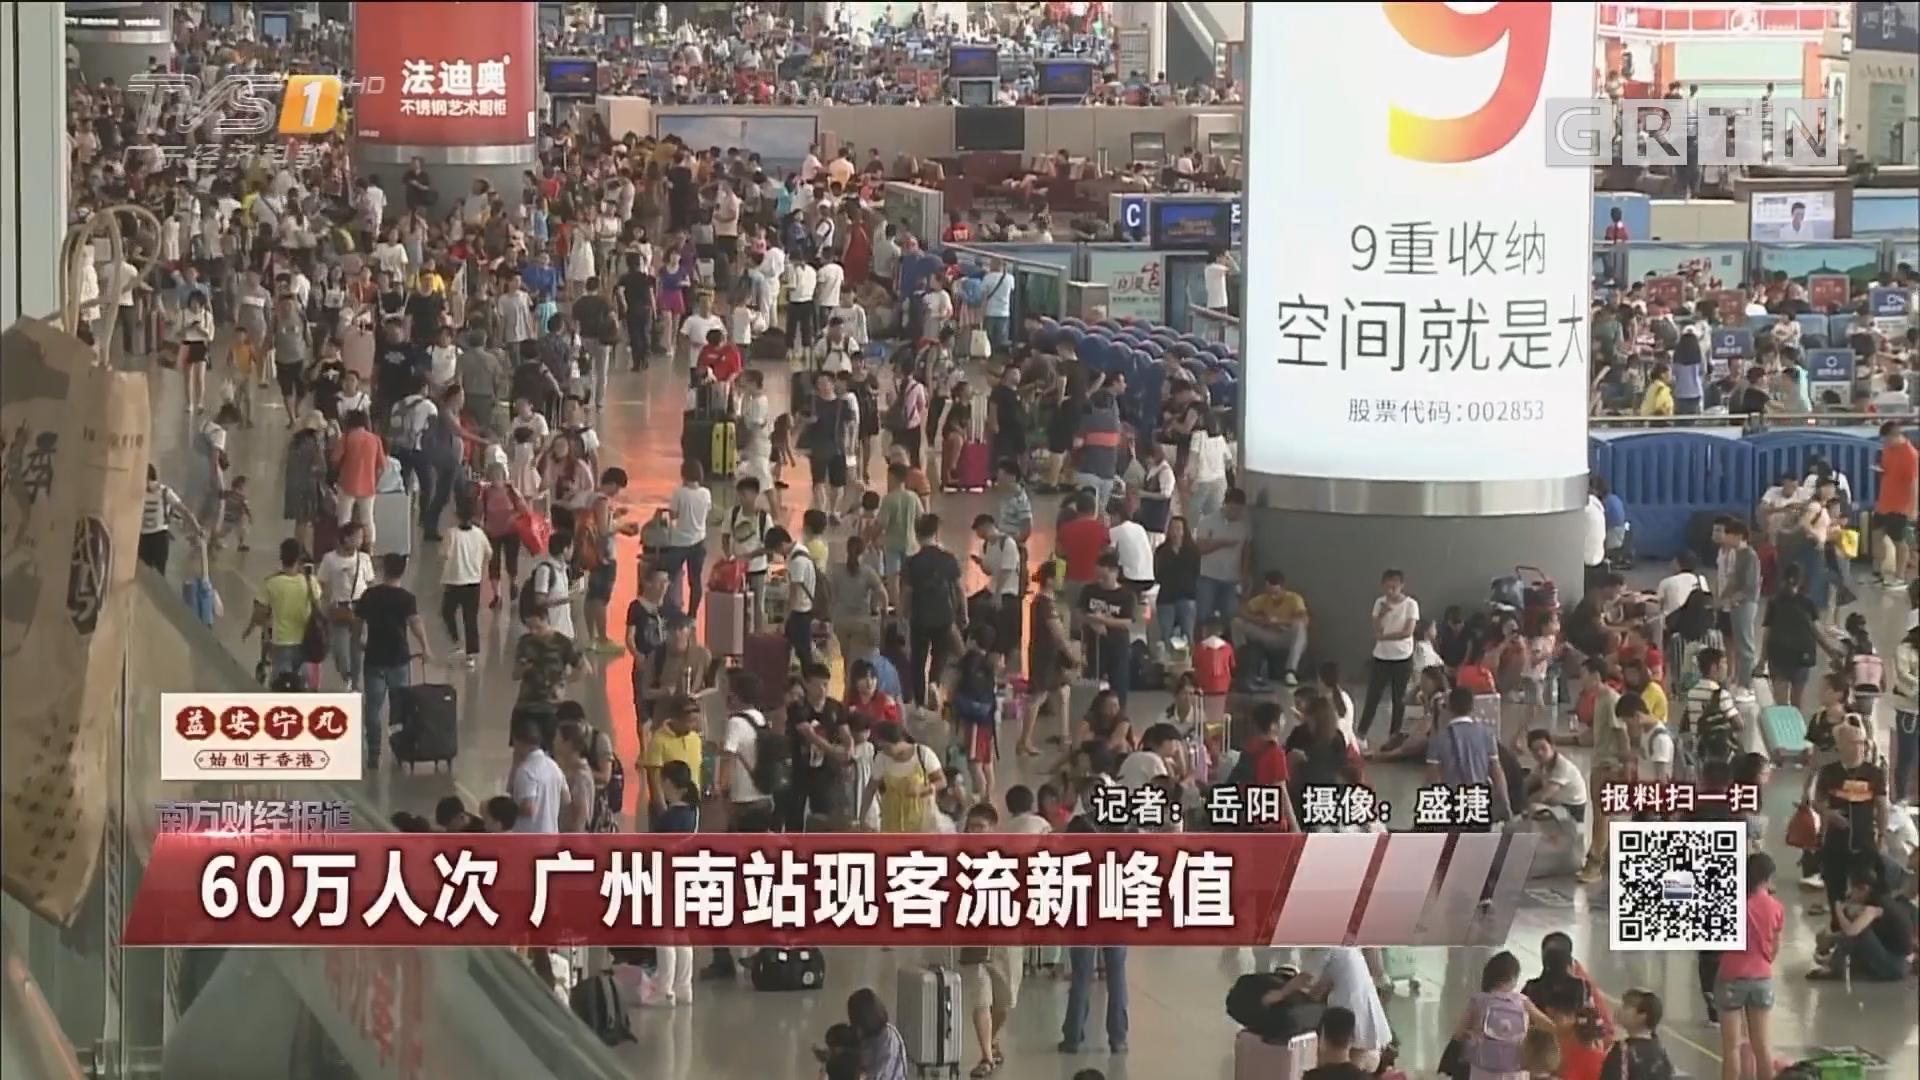 60万人次 广州南站现客流新峰值